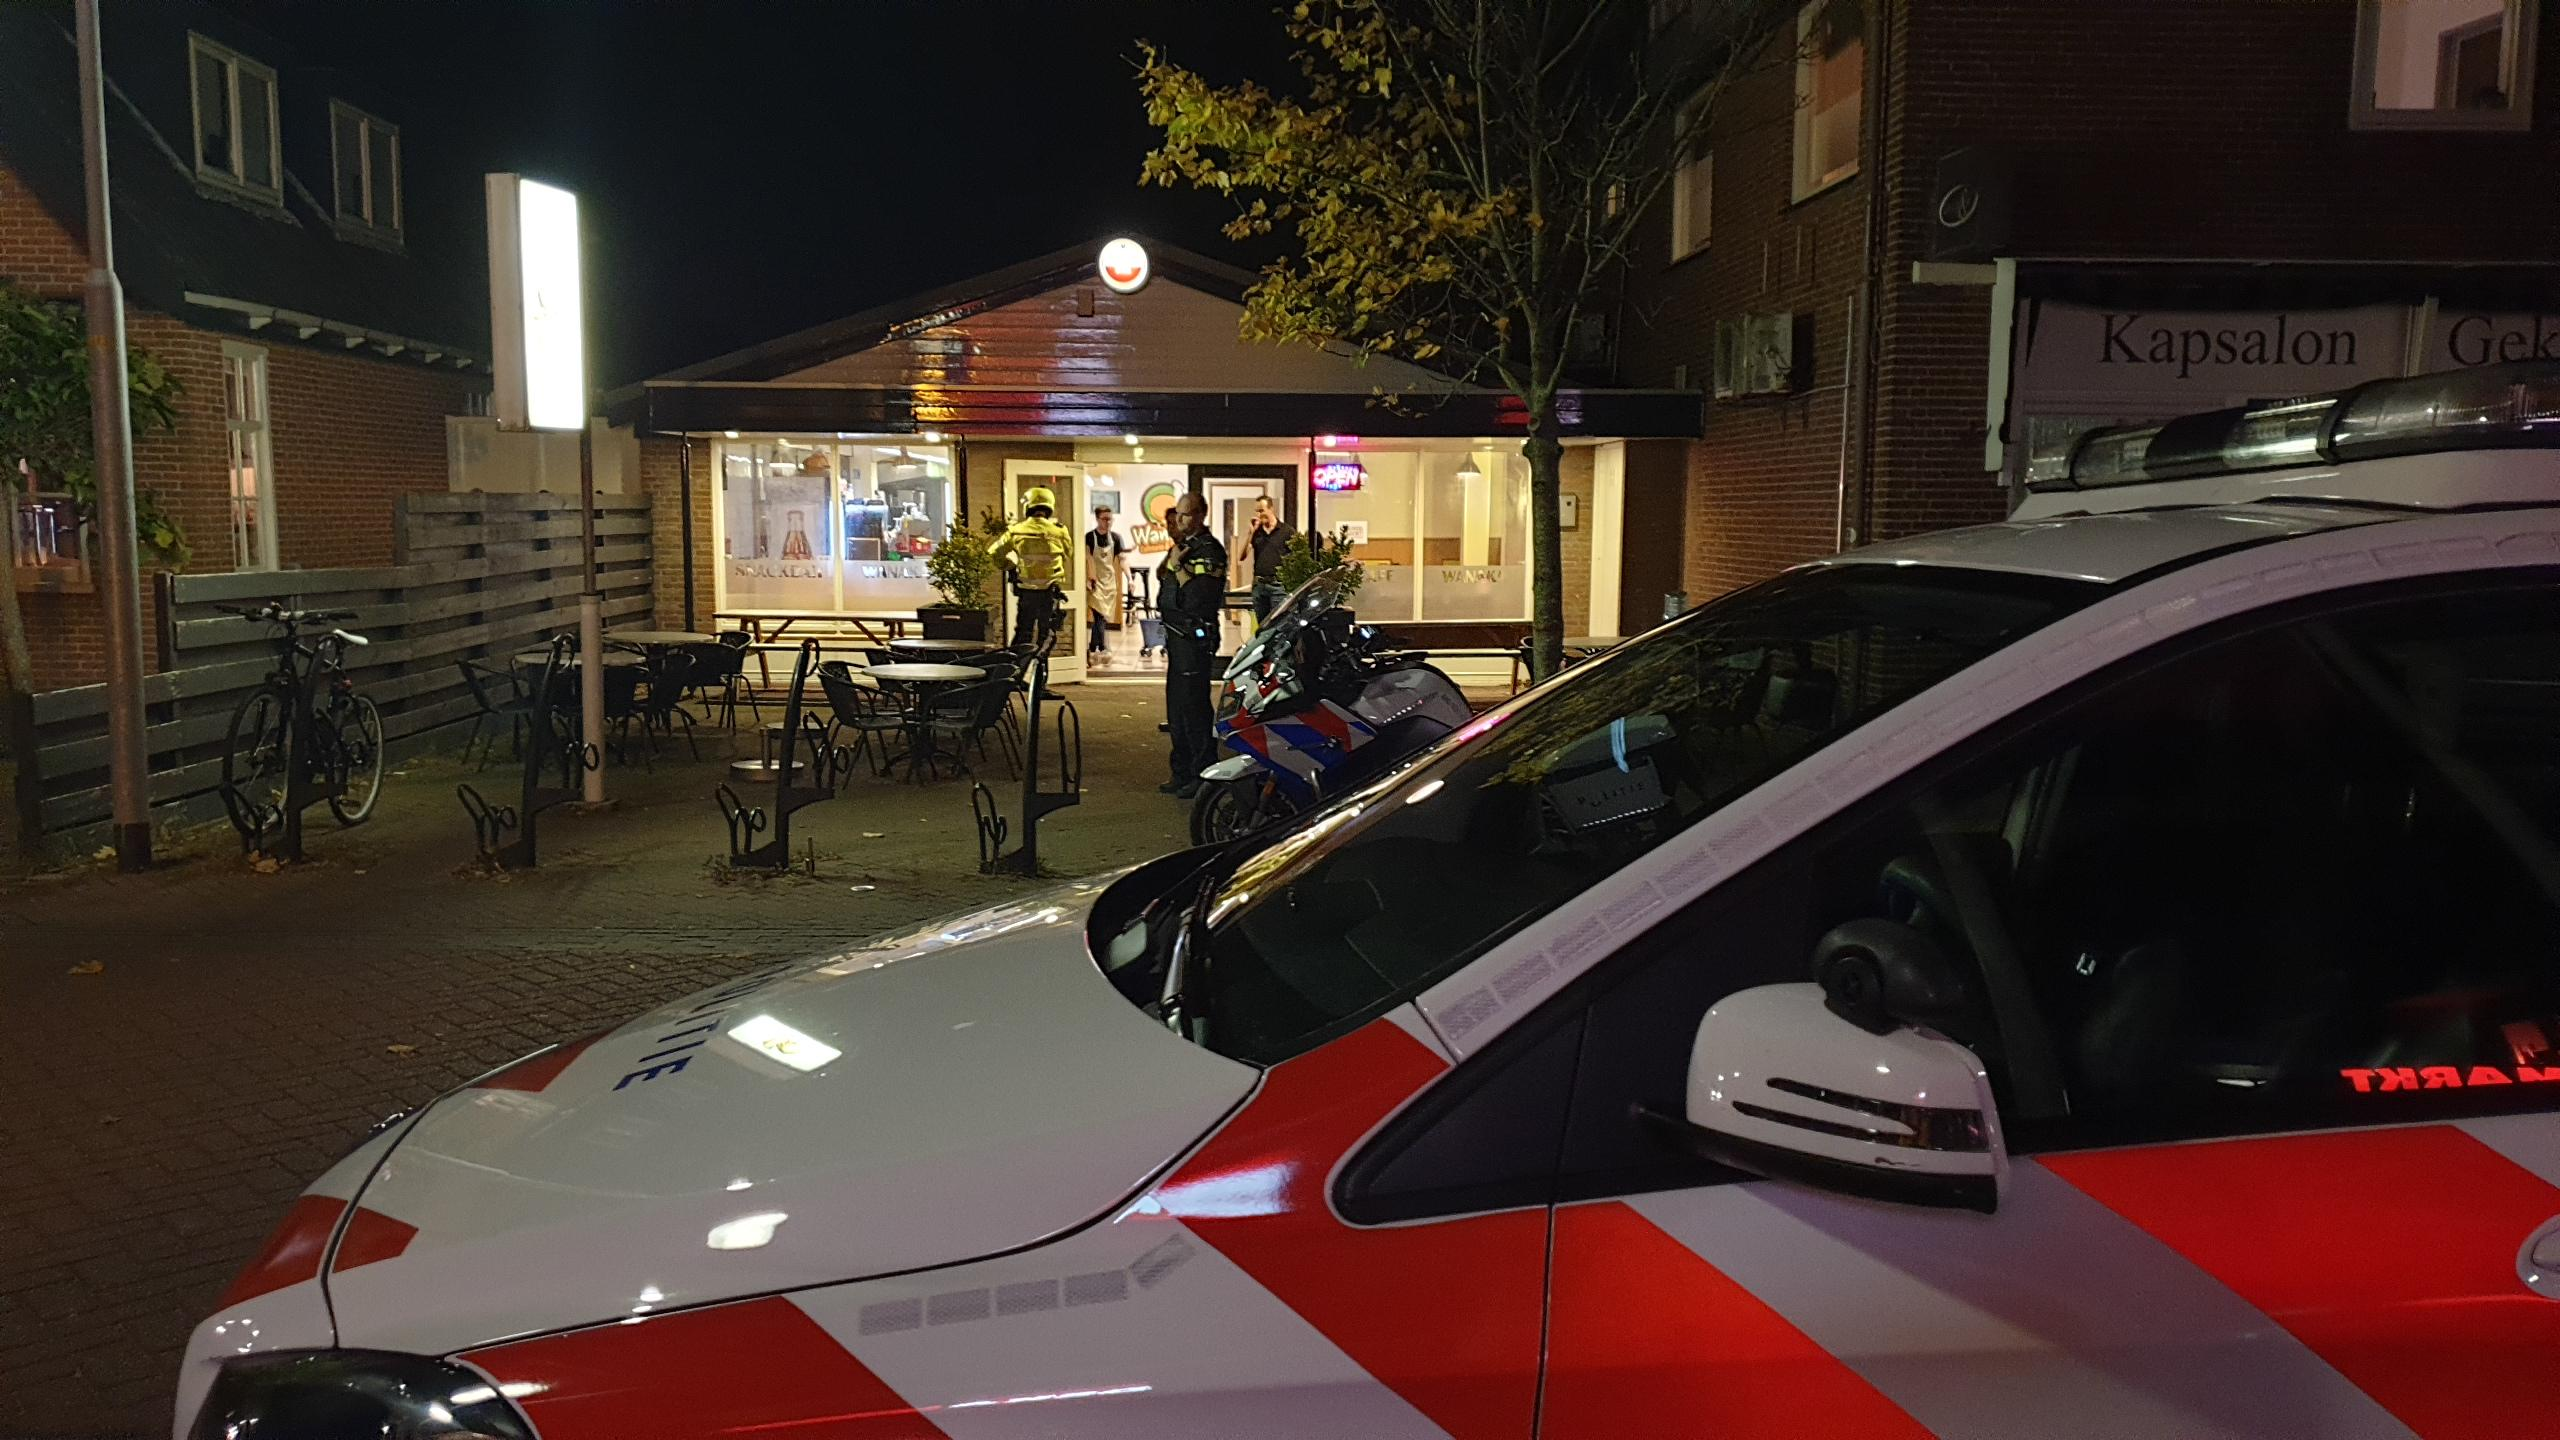 Politie lost waarschuwingsschot bij aanhouding overvallers op snackbar in Sint Pancras [update]